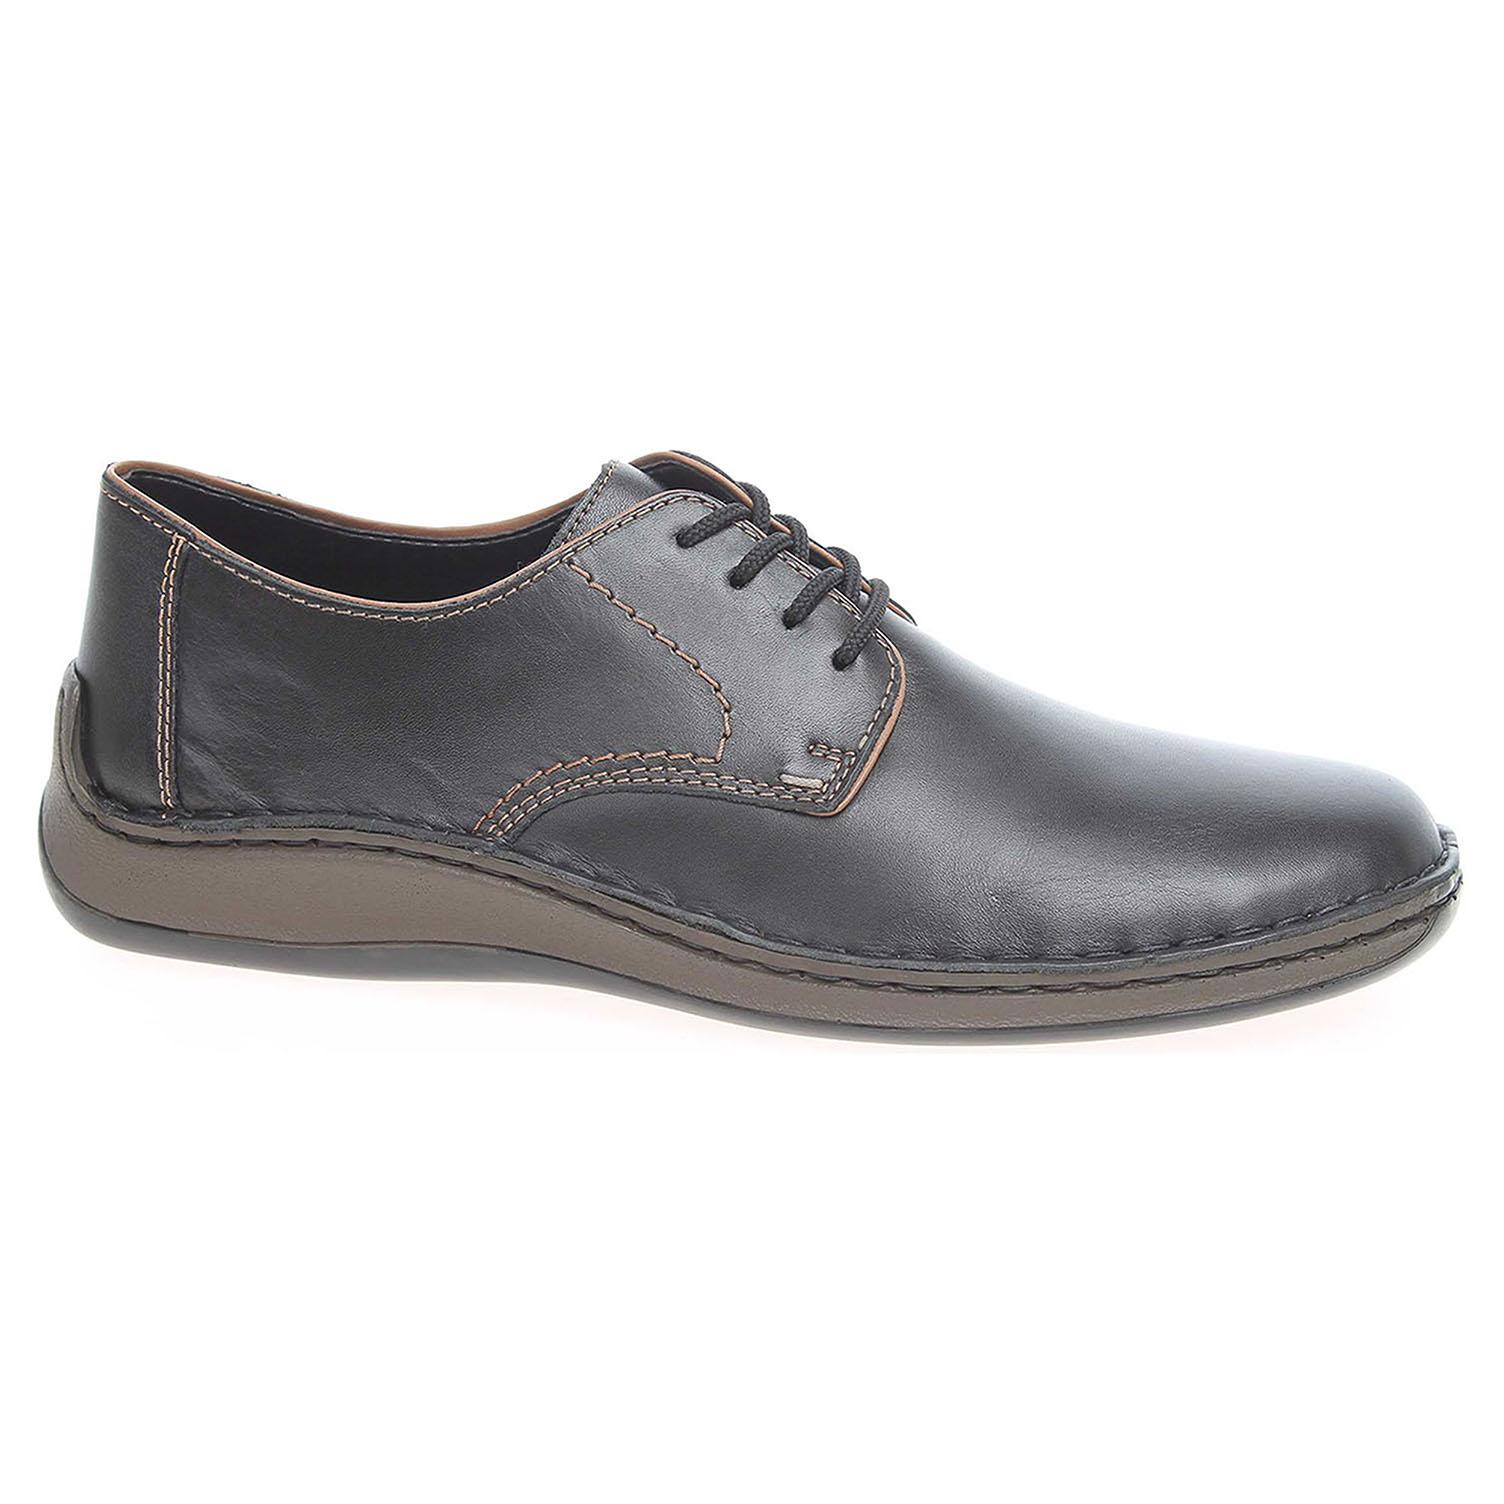 280473d916321 Pánske poltopánky Rieker 05220-00 schwarz | REJNOK obuv